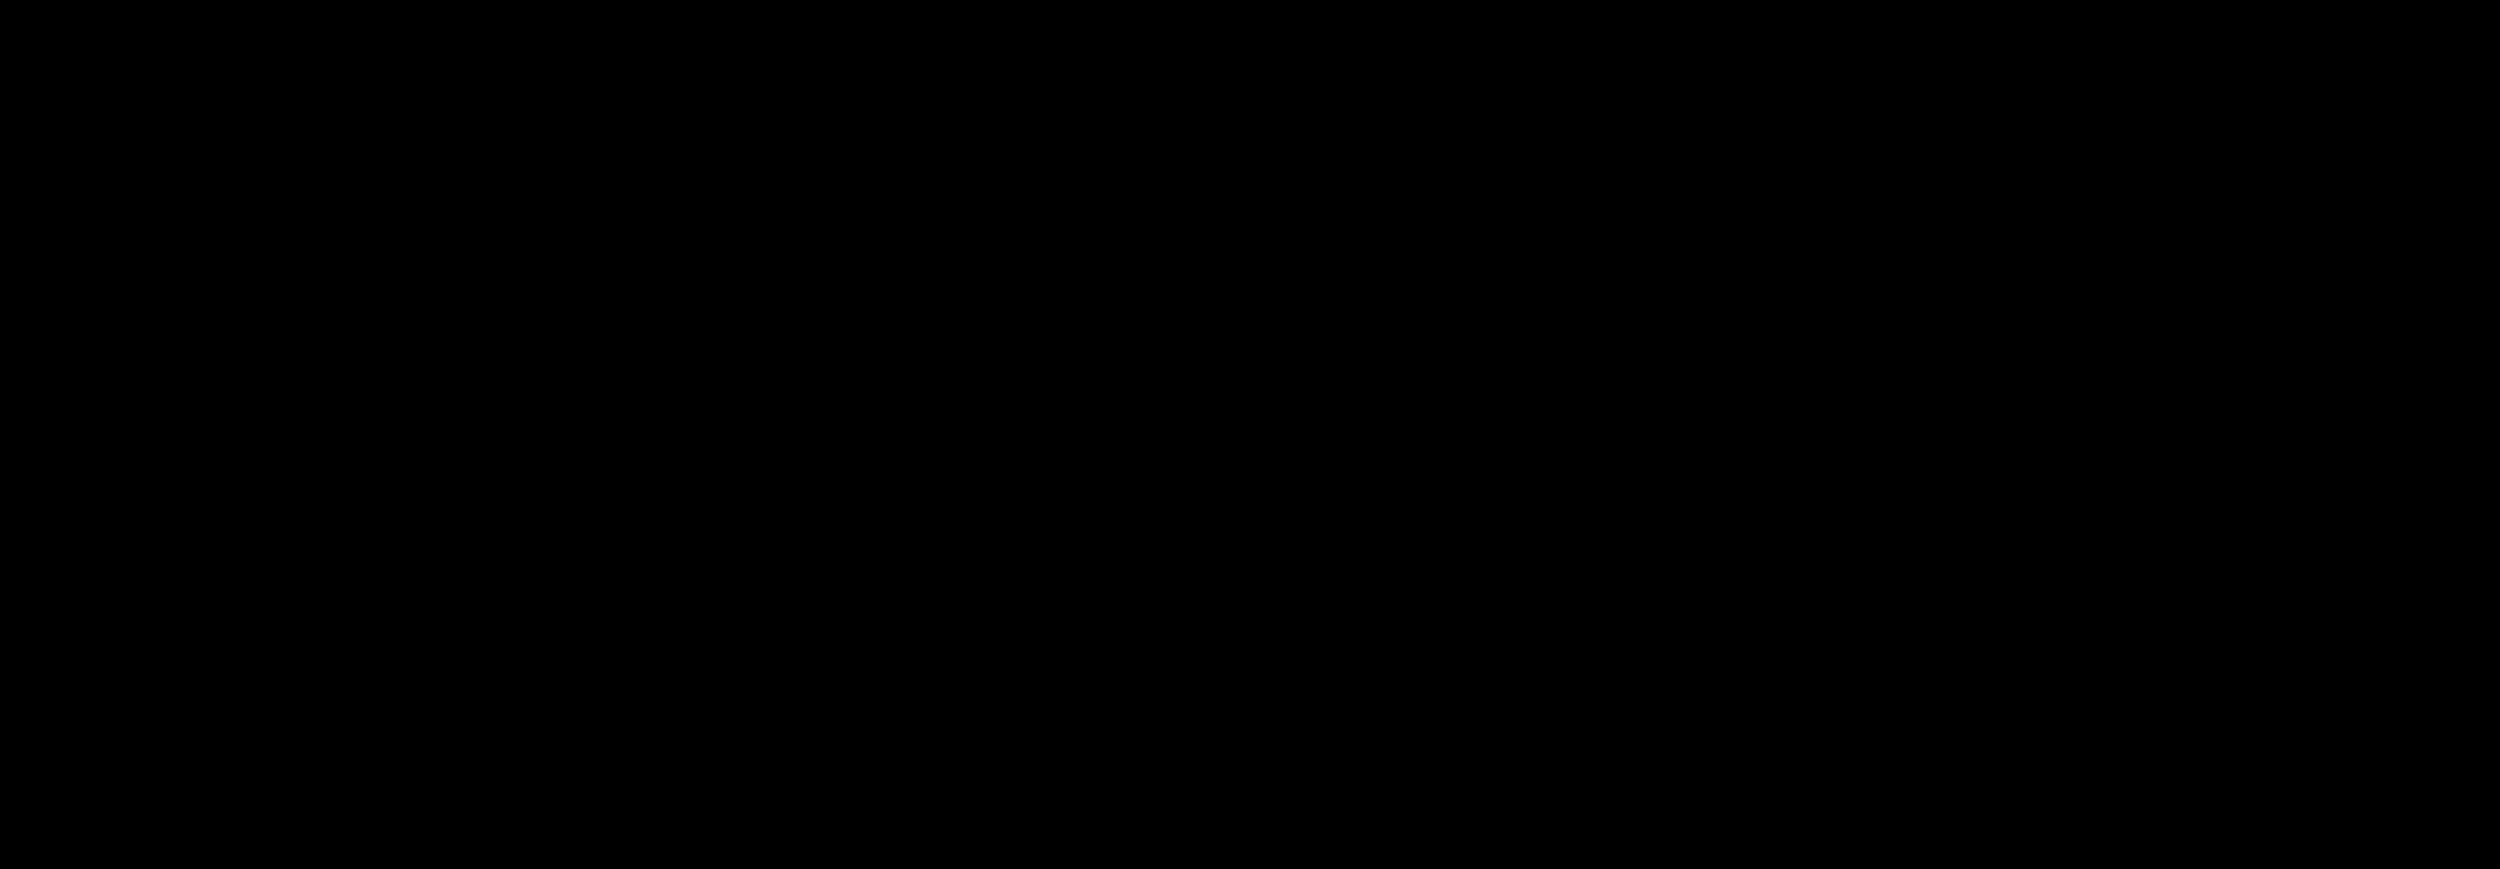 Pinzgauer auf Acryl